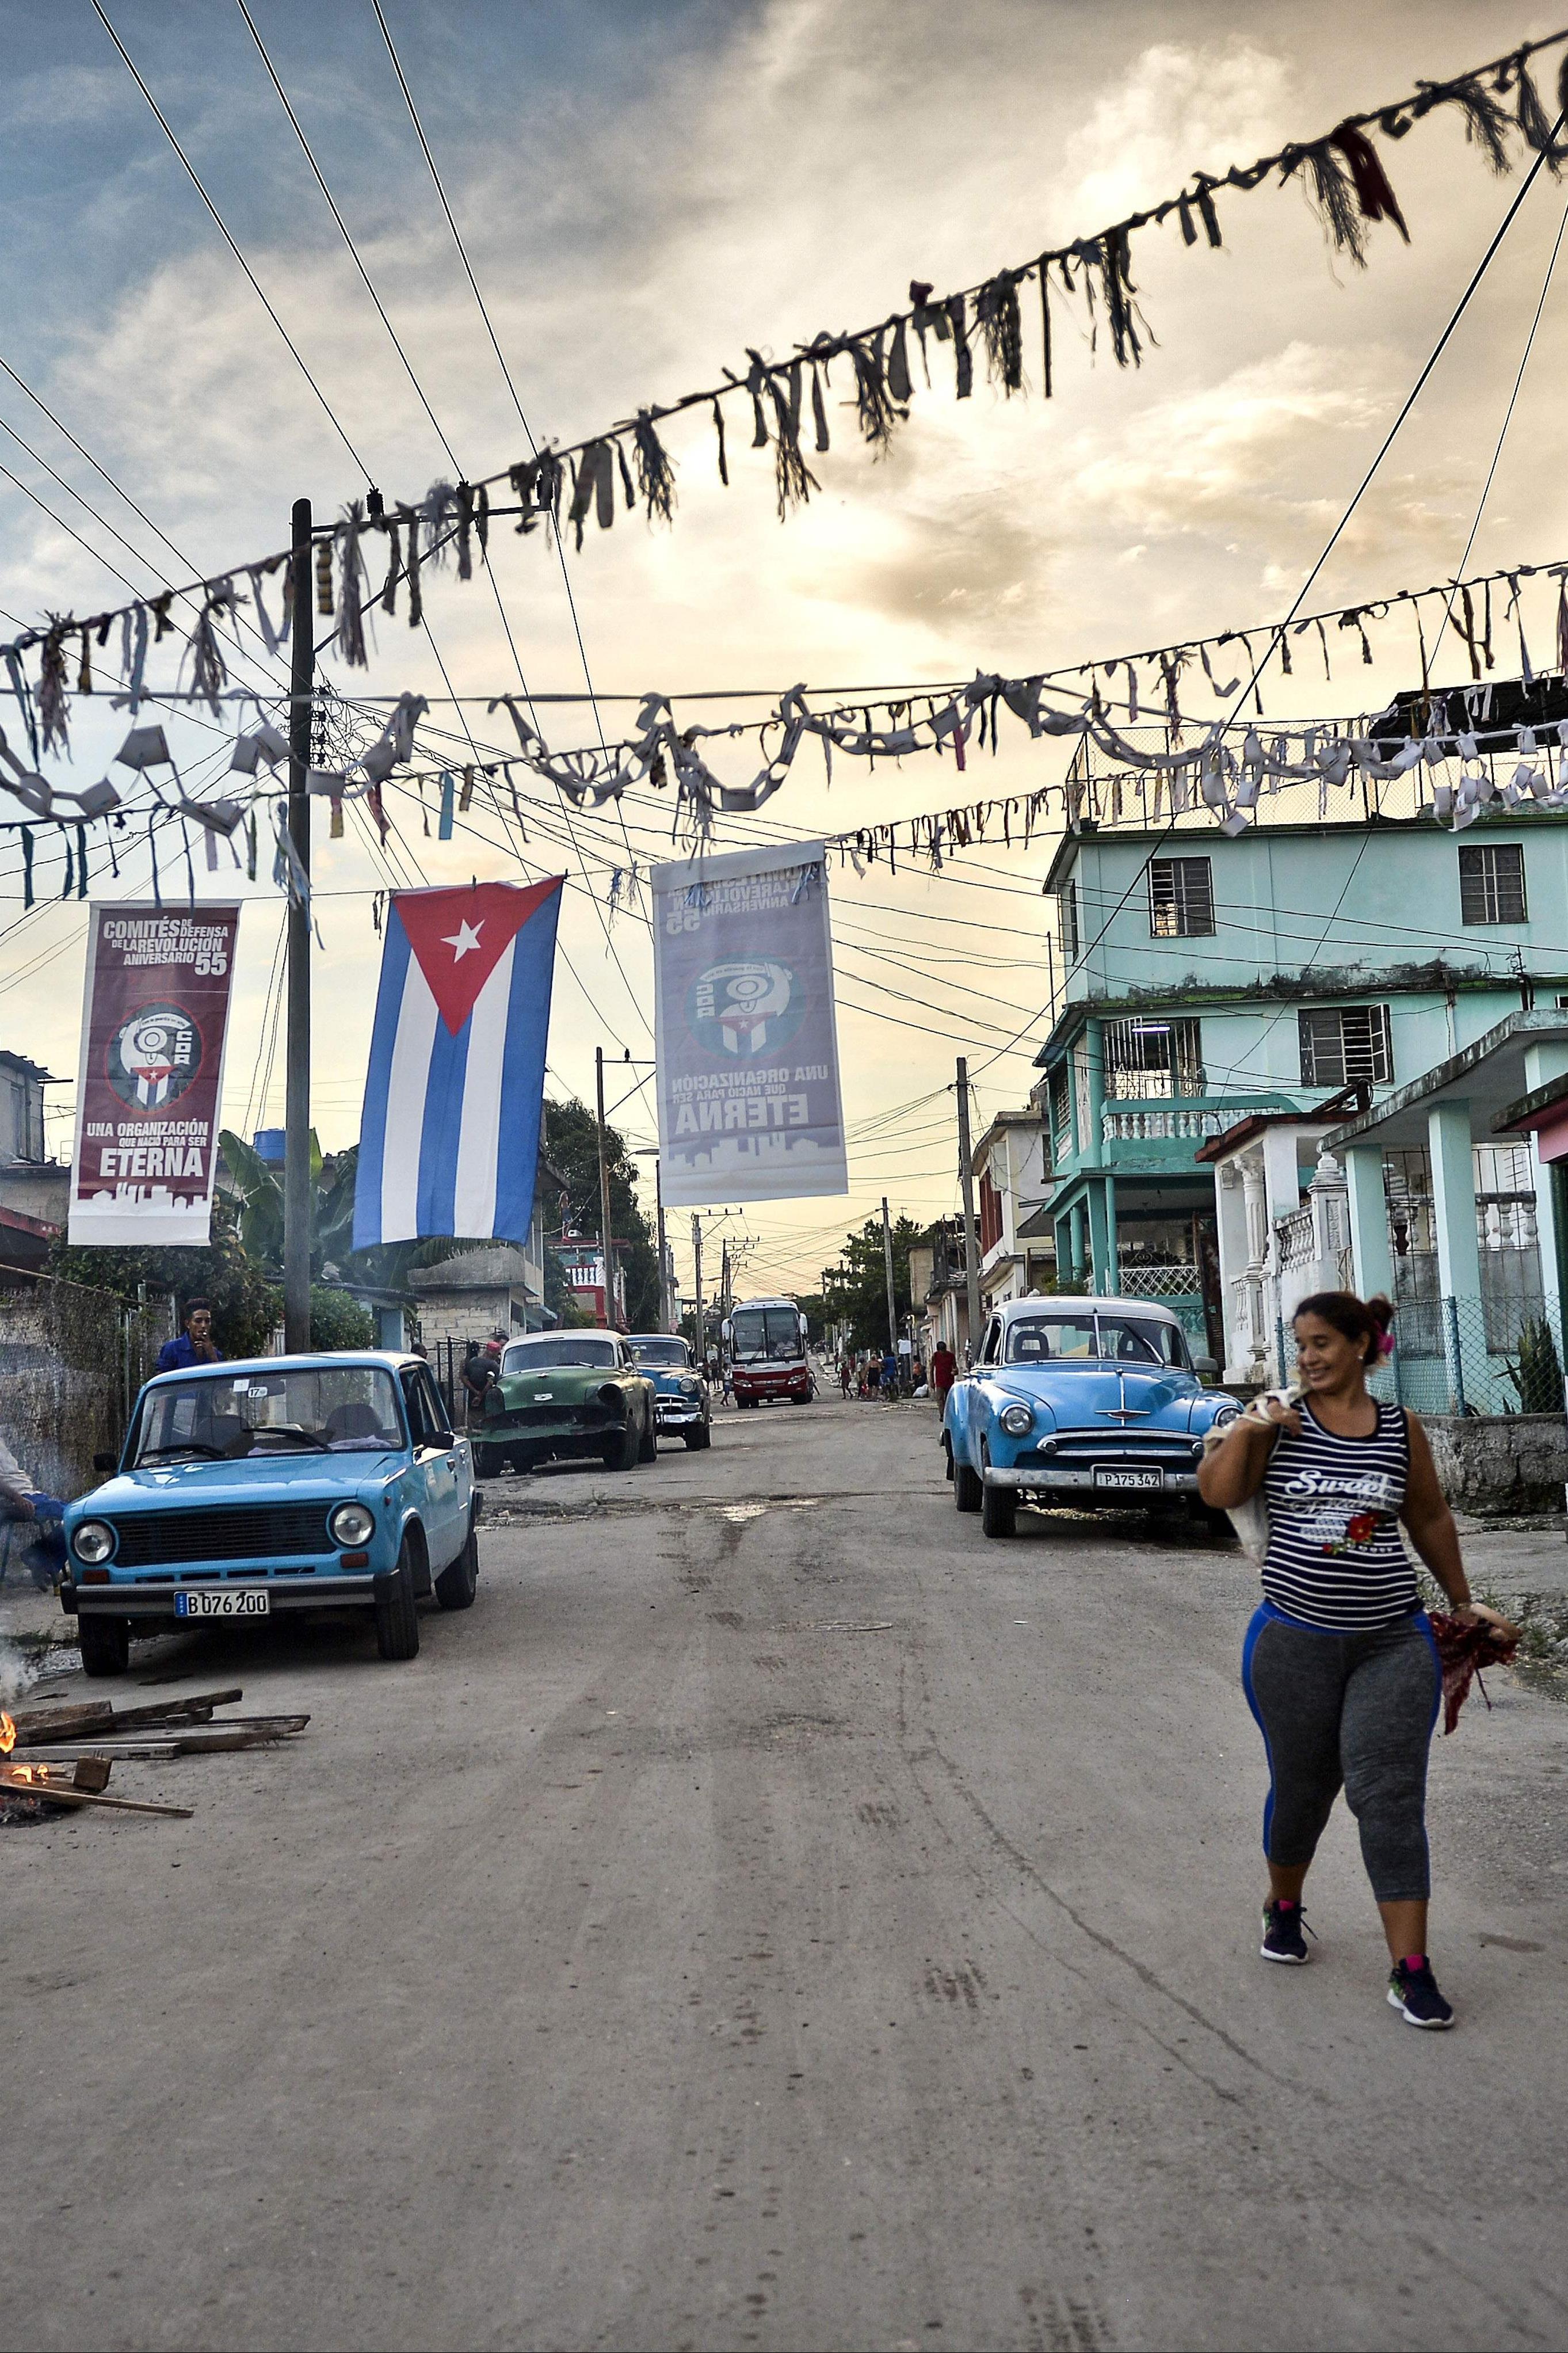 Une Cubaine prépare une caldoza, un plat typique cubain, dans une rue de La Havane, le 28 septembre 2018.